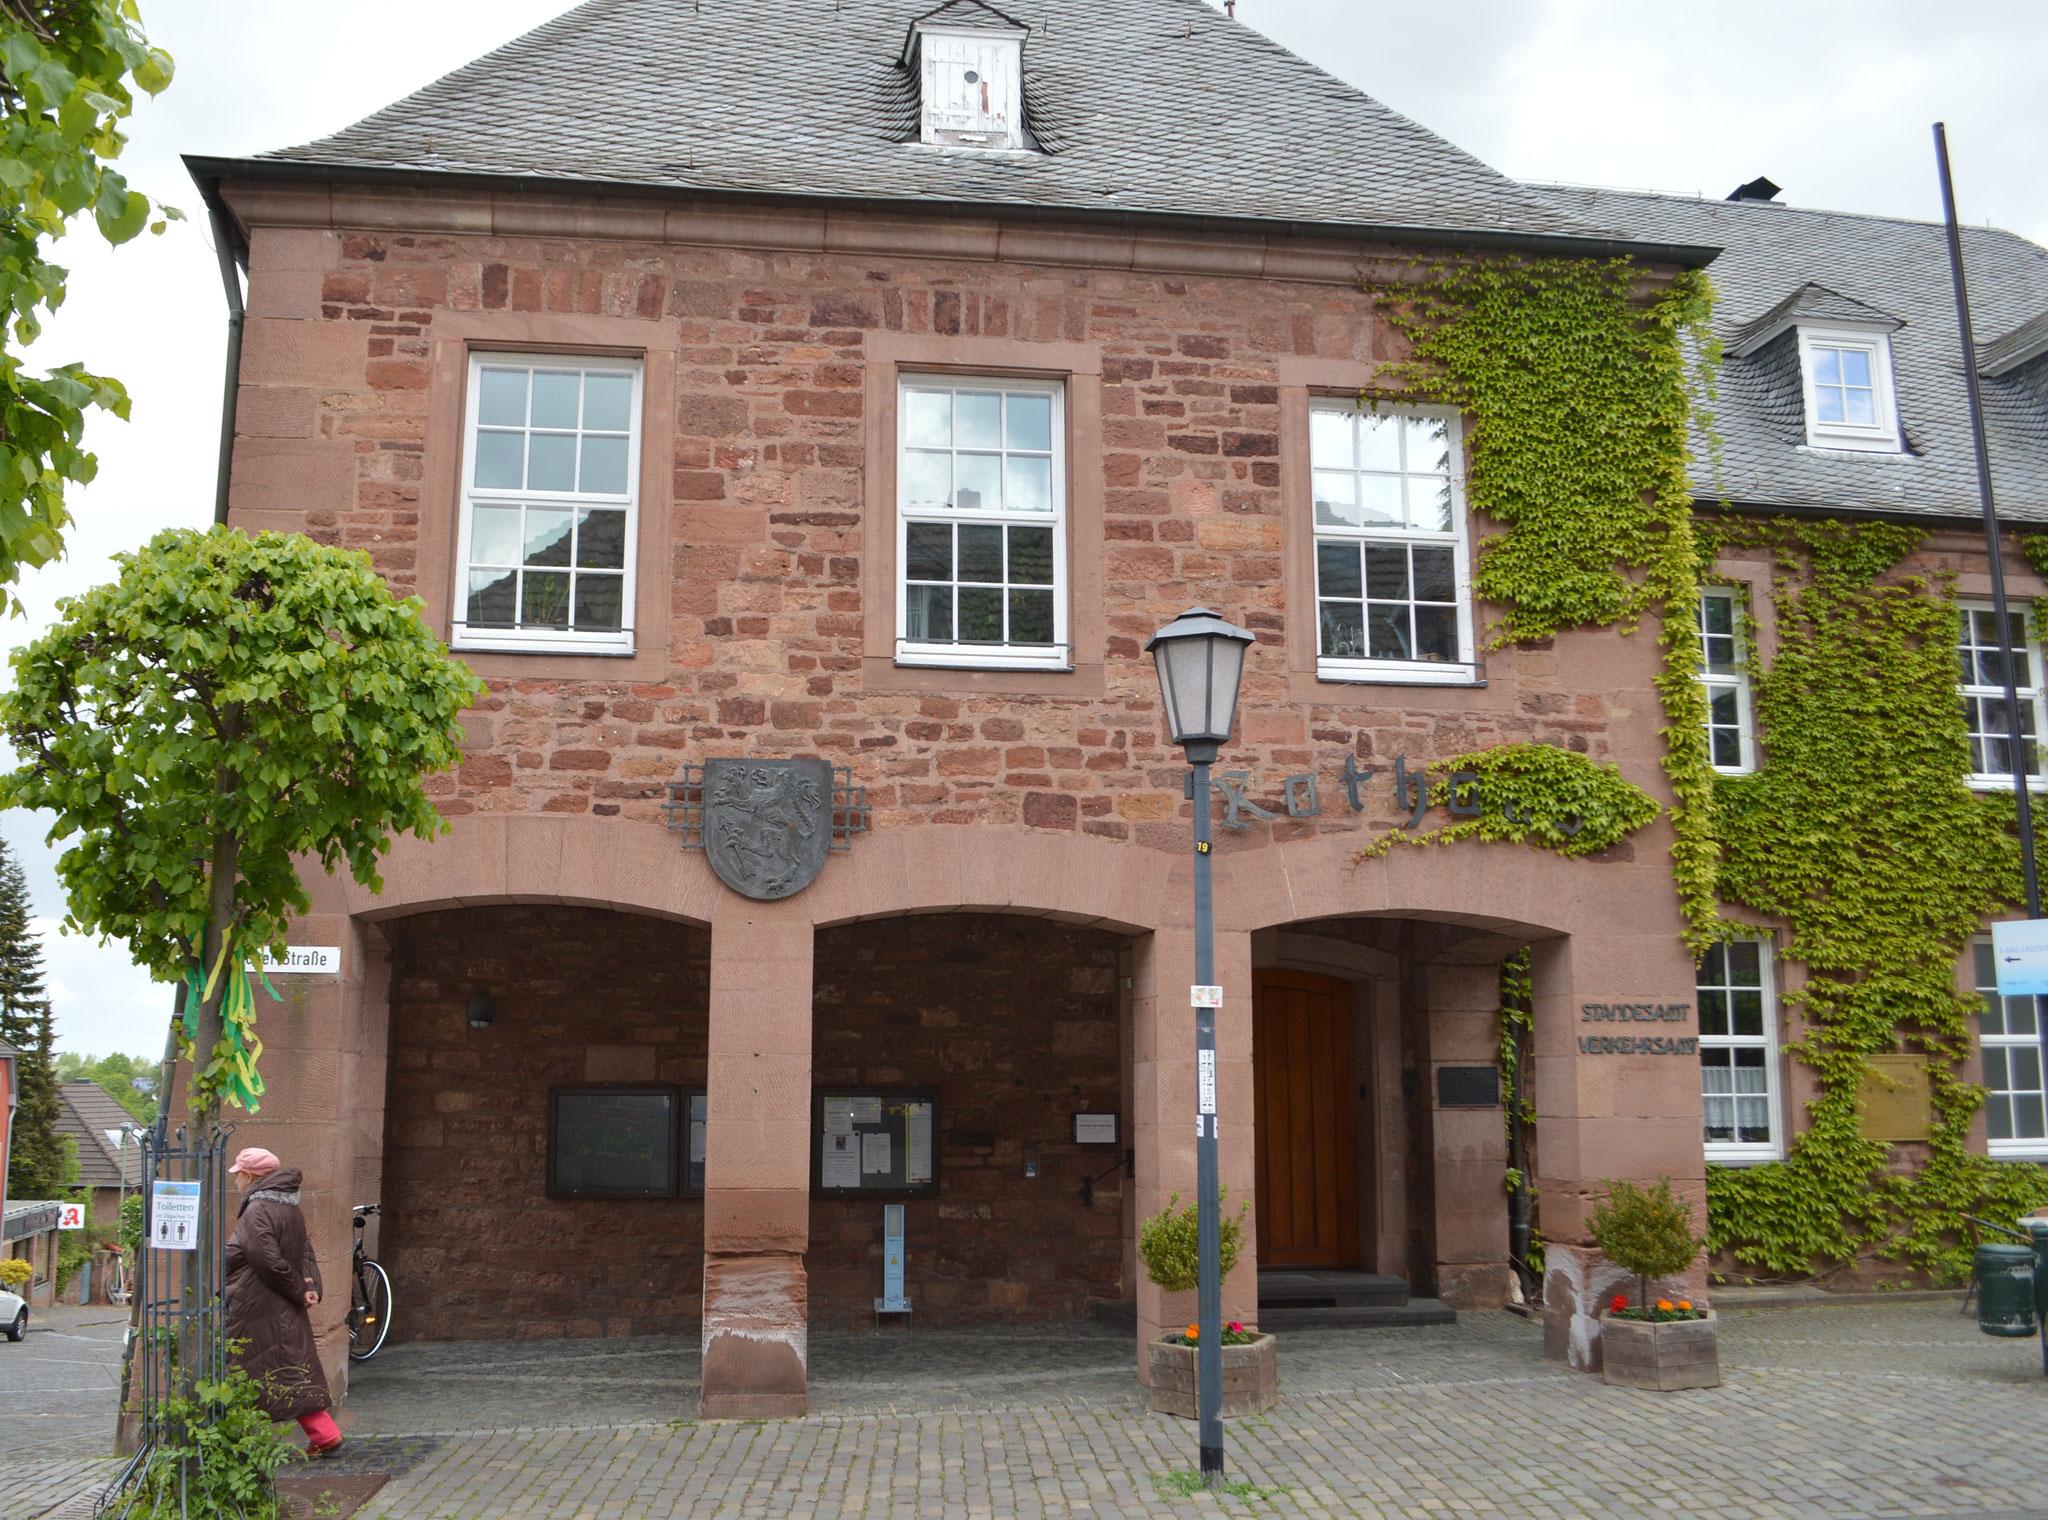 Rathaus in der historischen Altstadt der Stadt Nideggen